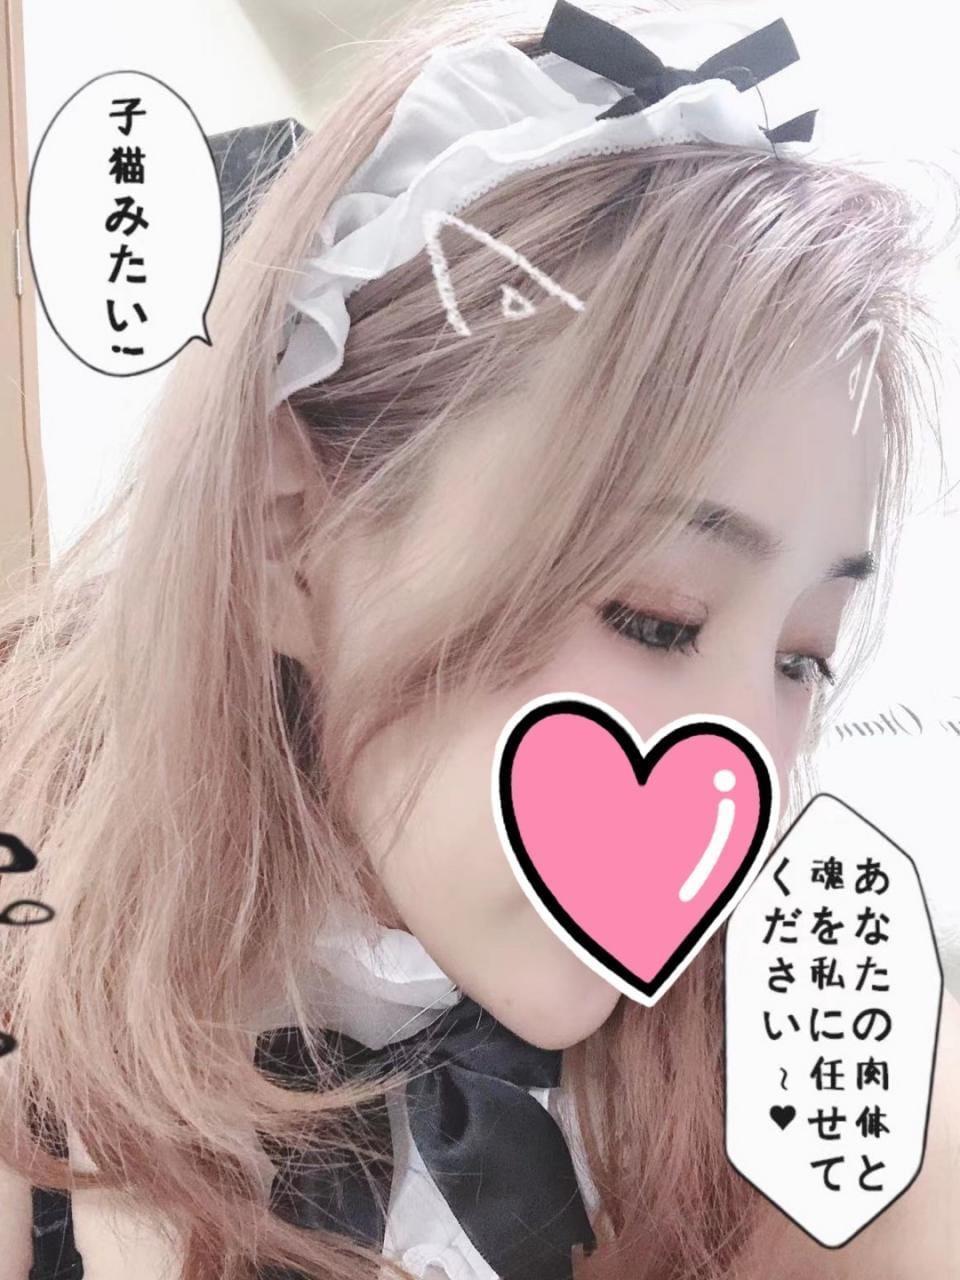 「Hなメイドさん!」04/16(04/16) 12:19   ニアの写メ・風俗動画